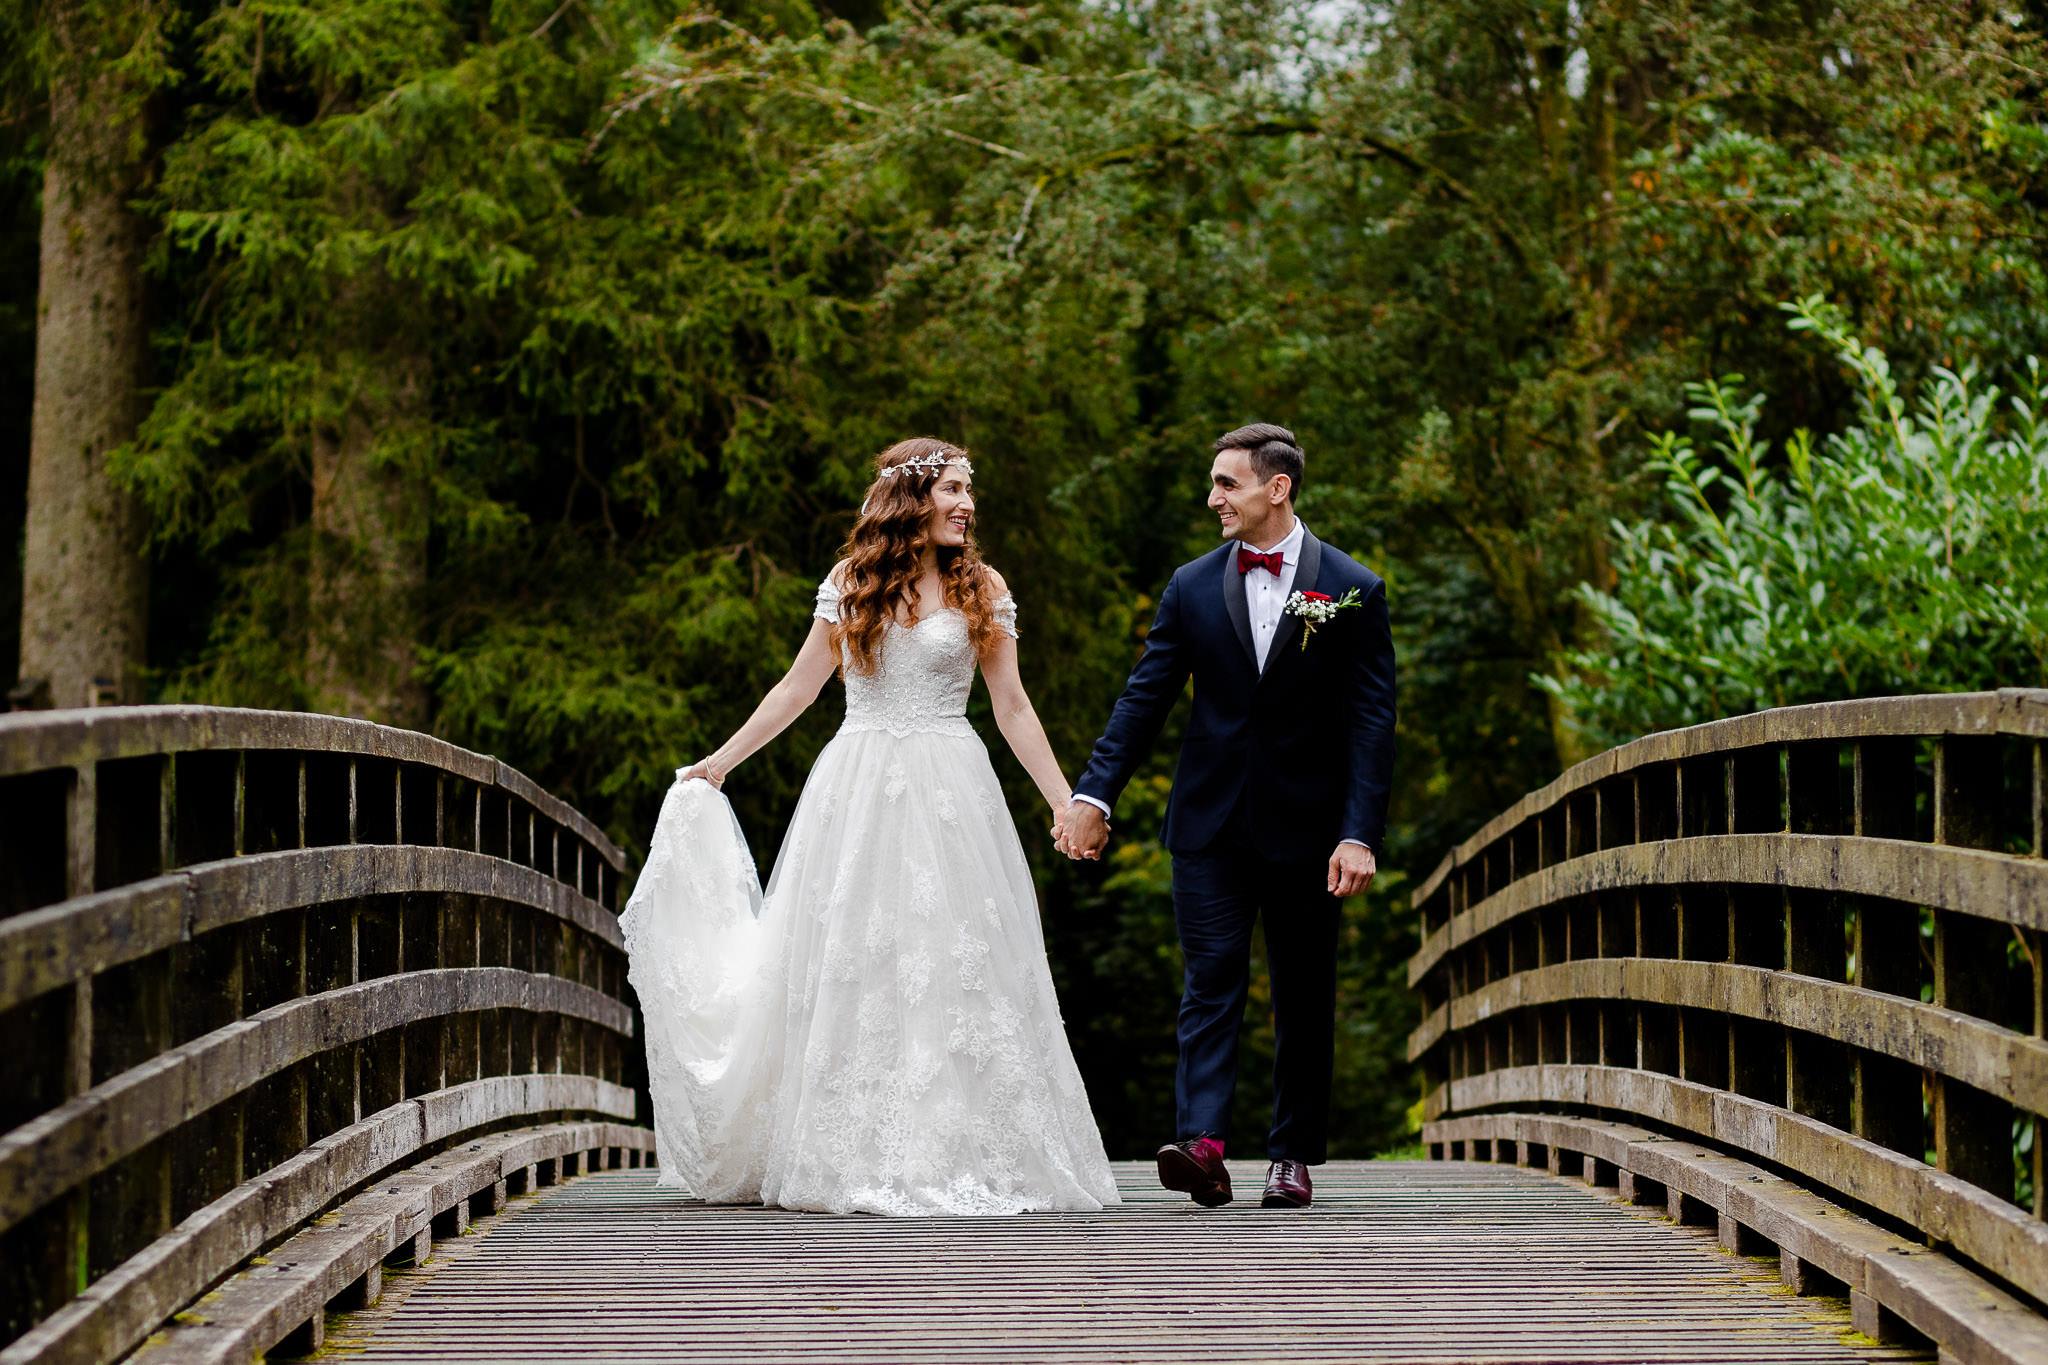 Craig y nos castle wedding photography - Bride and Groom